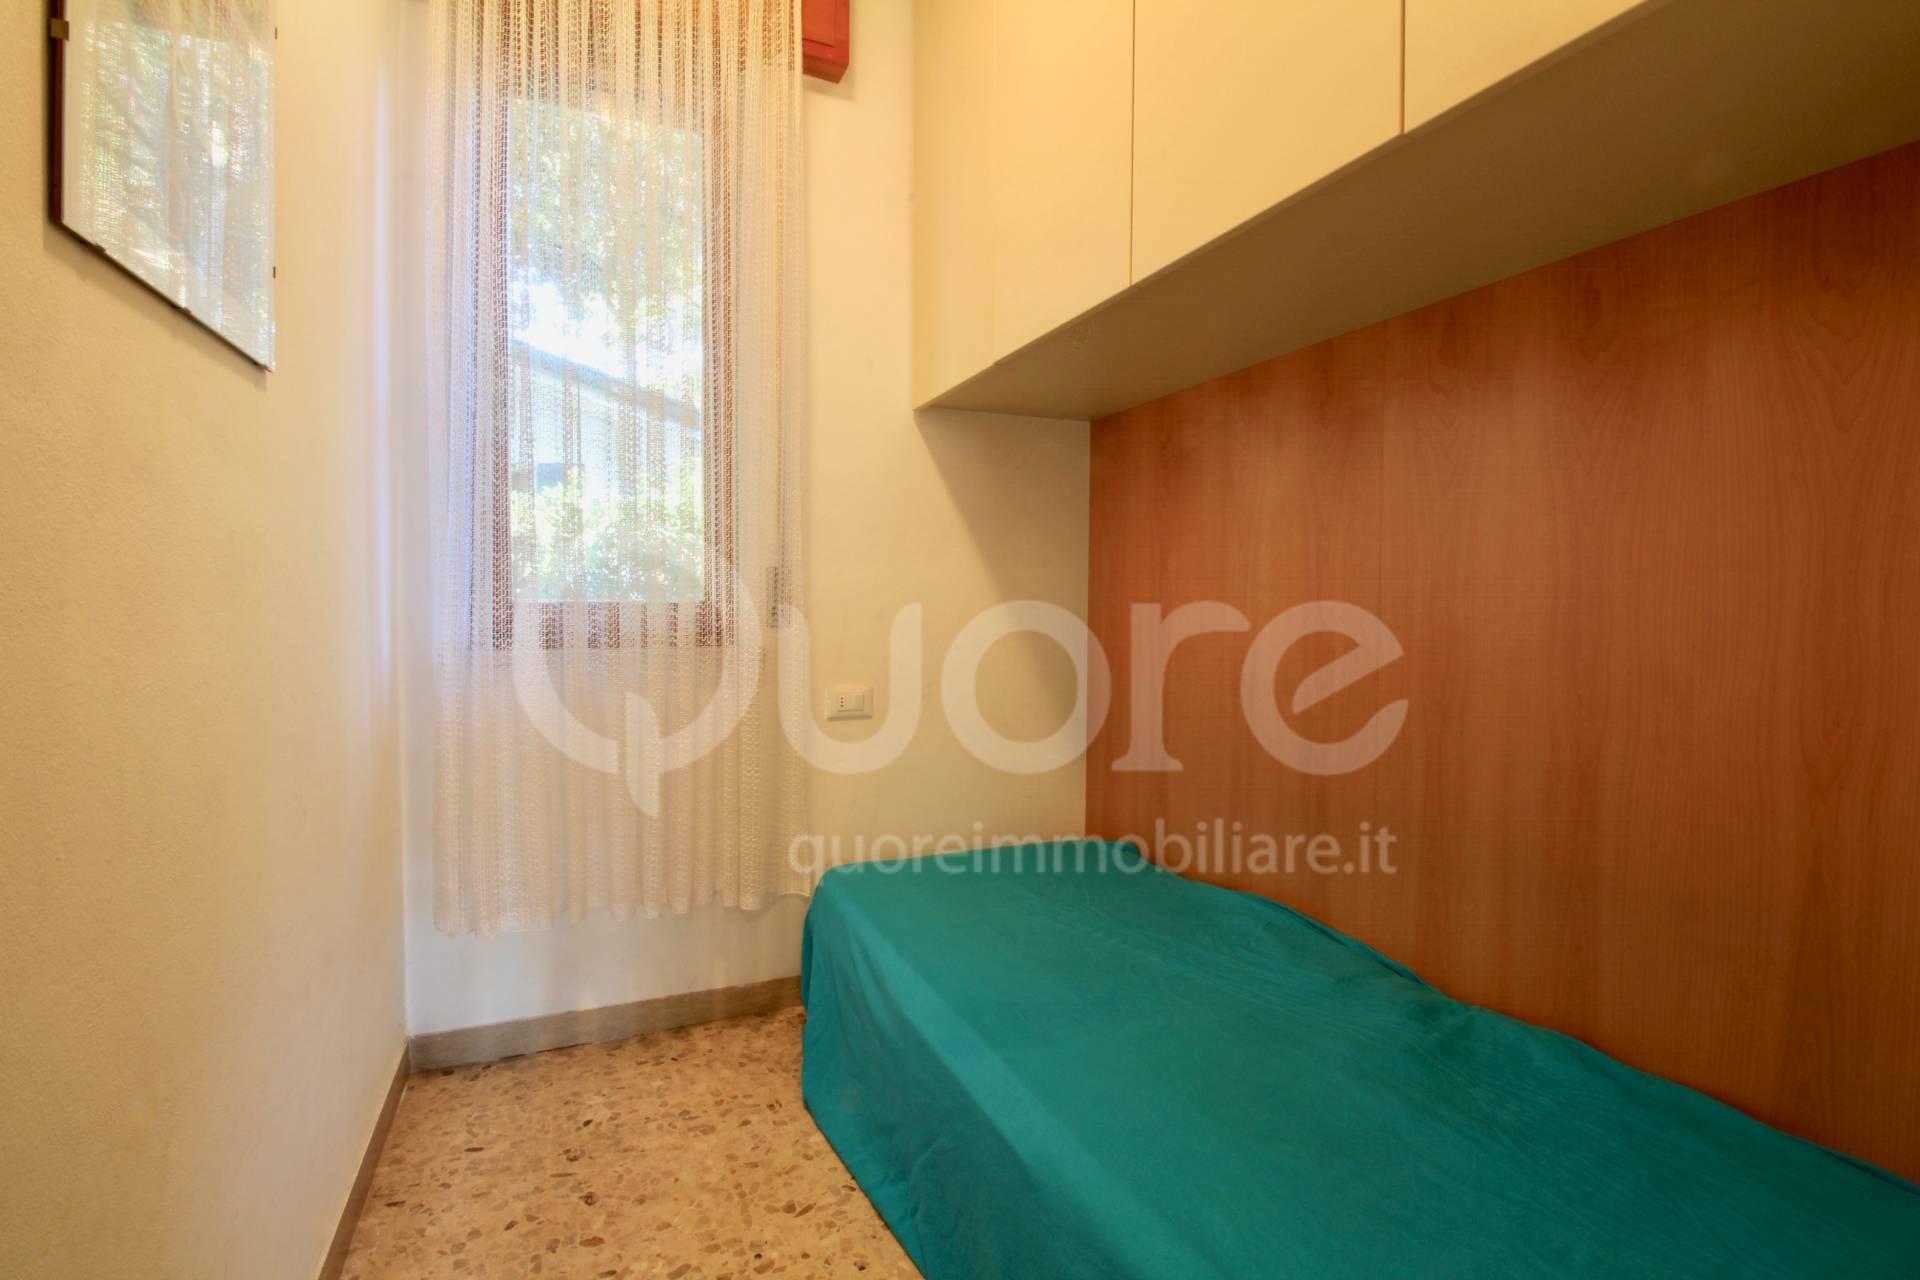 Villetta singola con giardino privato a Lignano Pineta